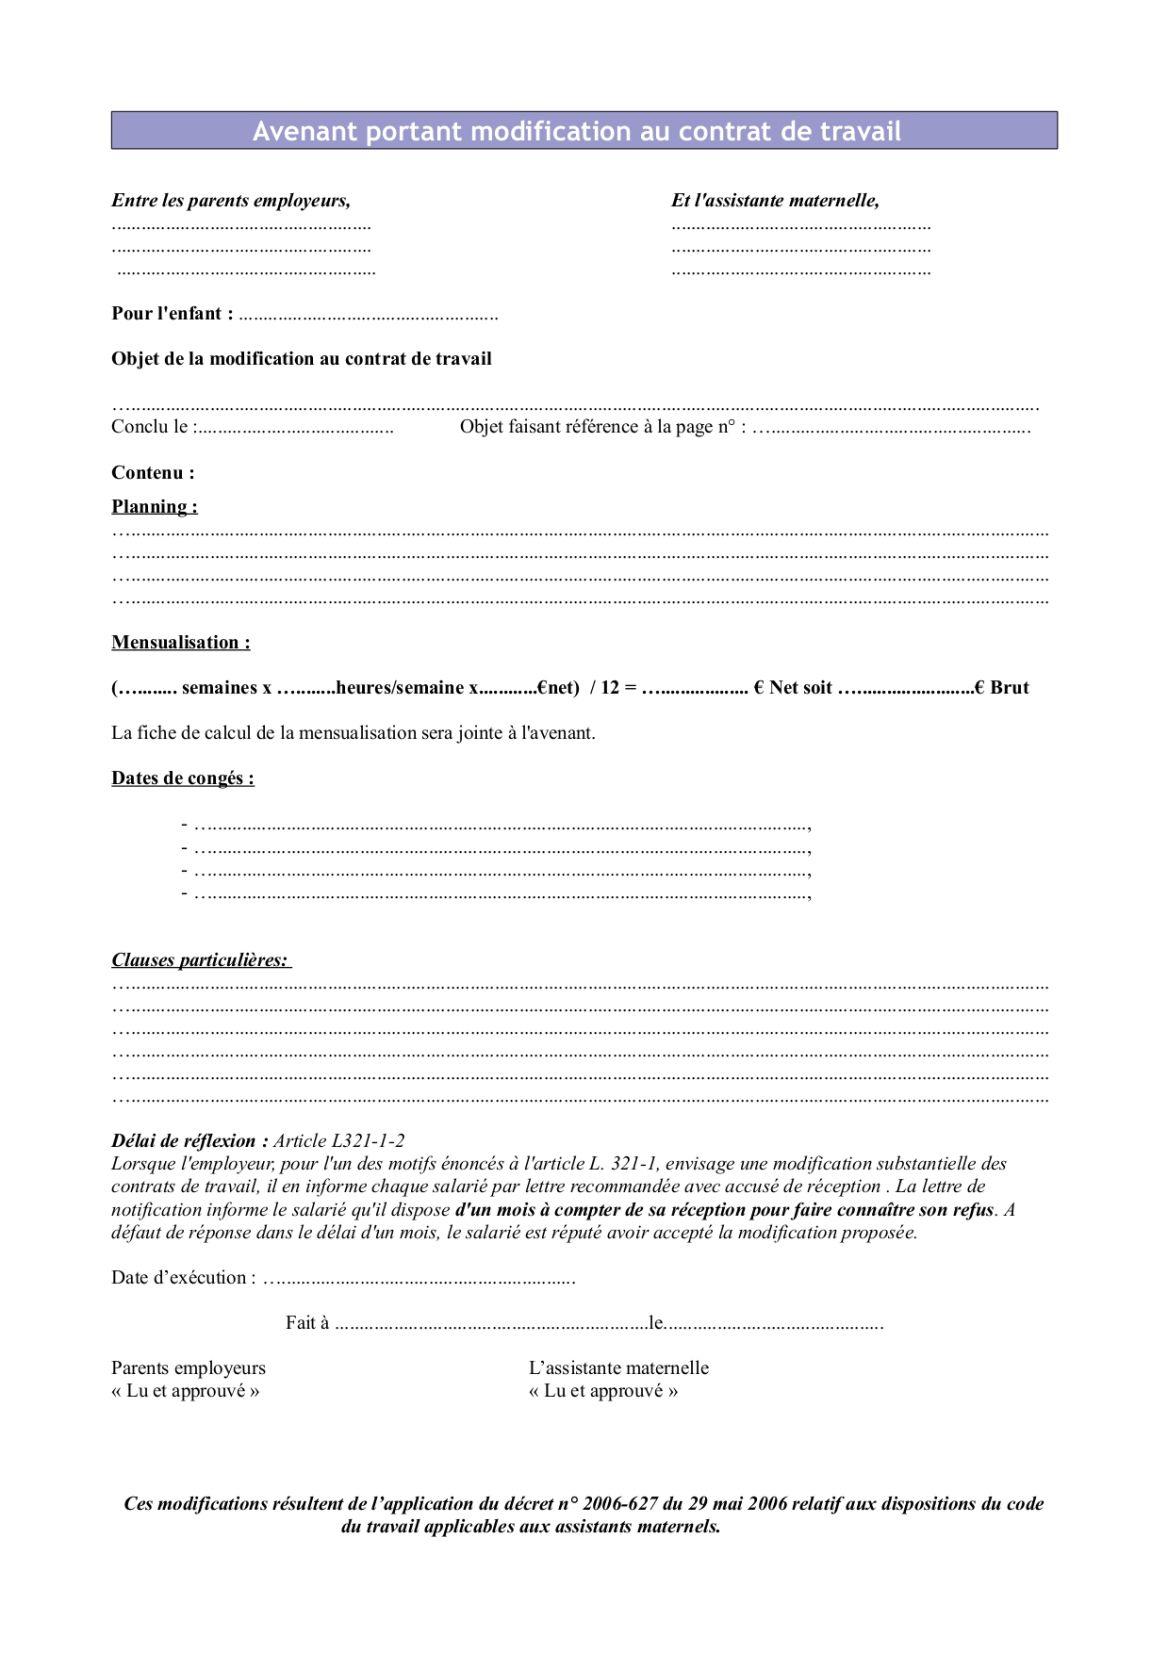 Documents à télécharger pour les Ass Mat et Parents | Le contrat